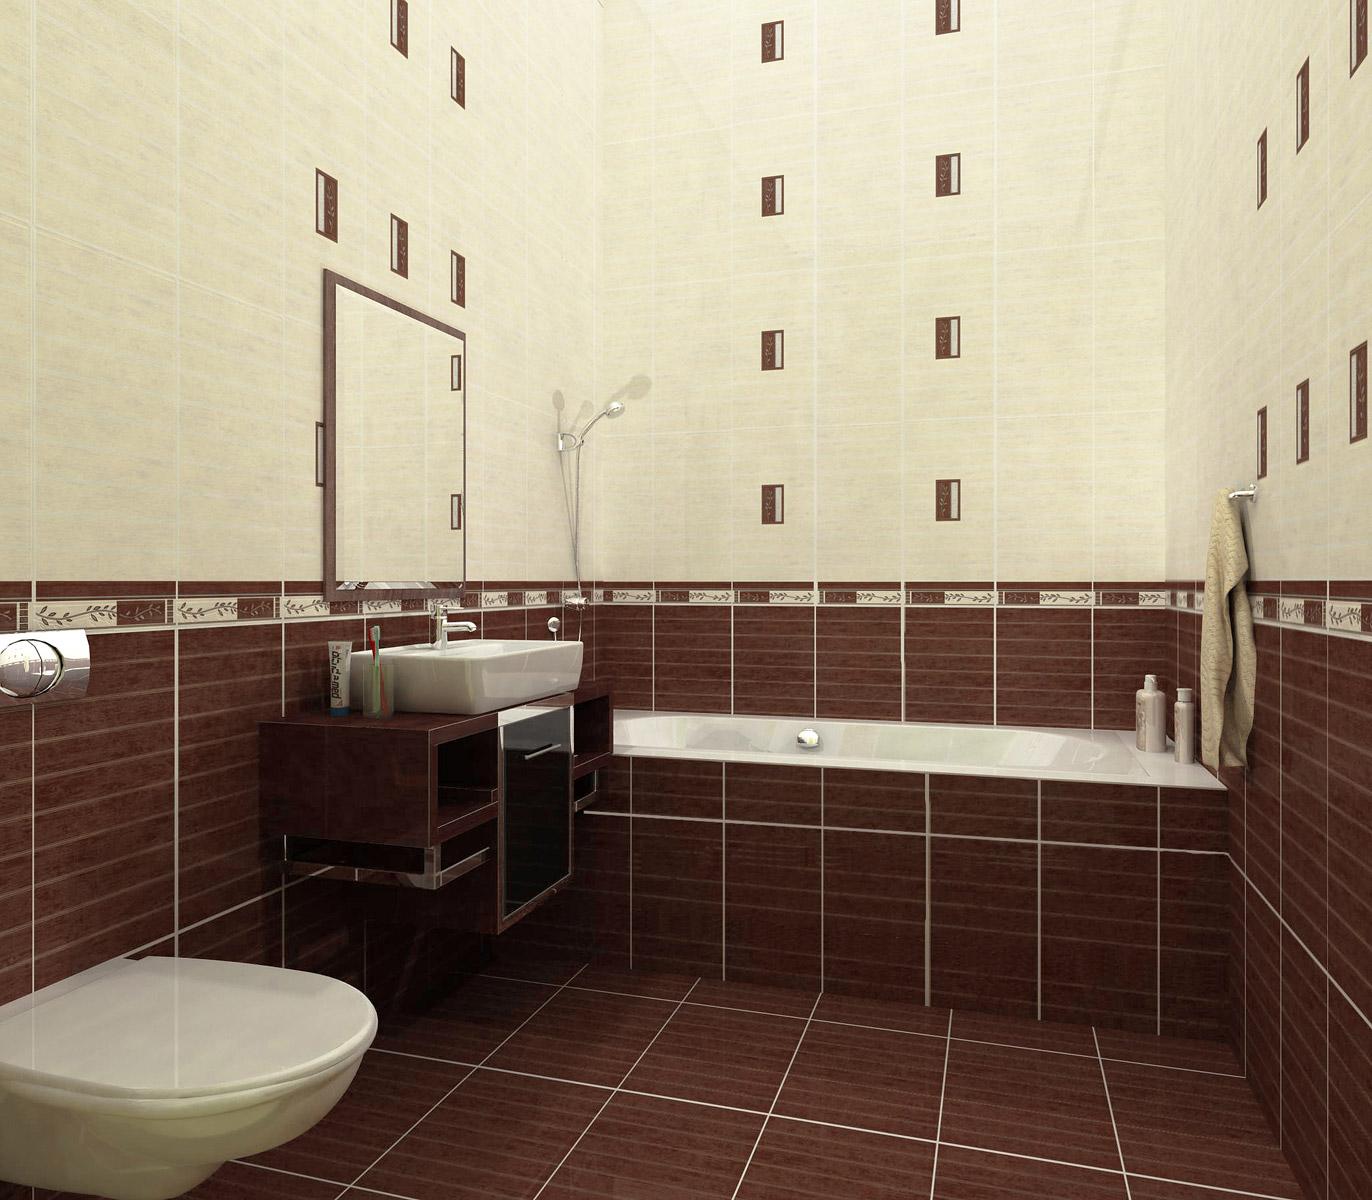 Ремонт и отделка квартир, коттеджей, офисов, домов в твери (.